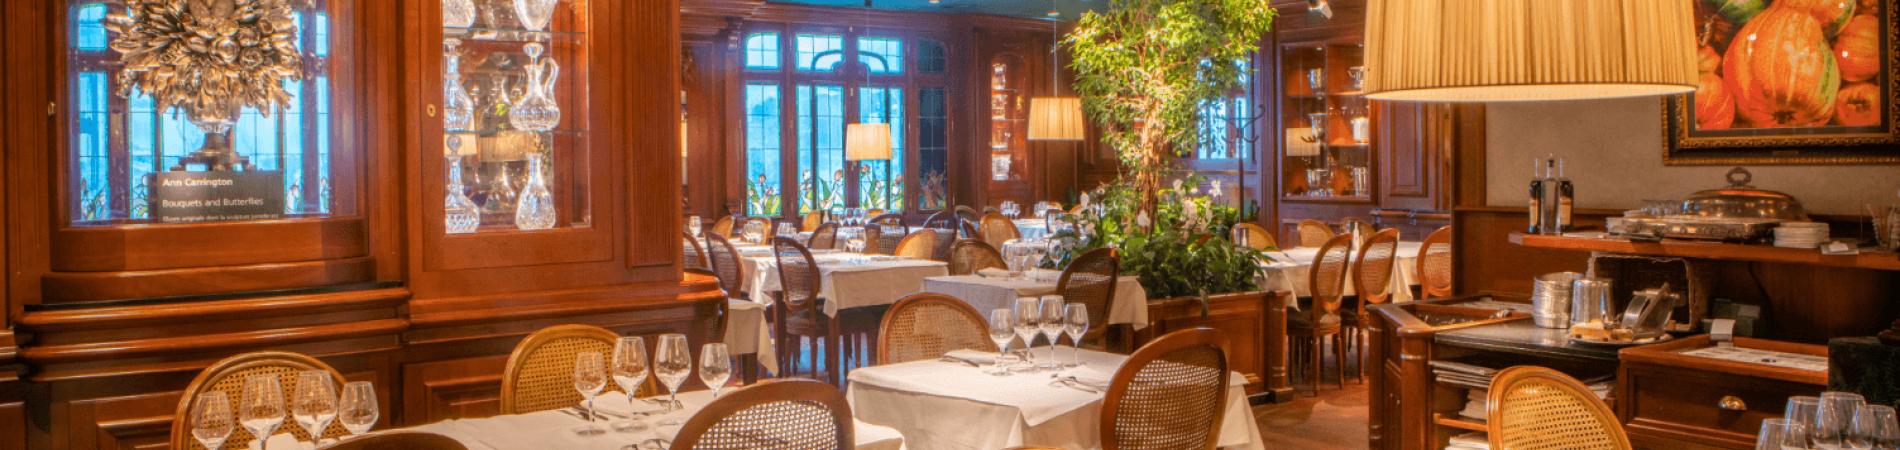 La salle à manger Ann Carrington des Grands Buffets